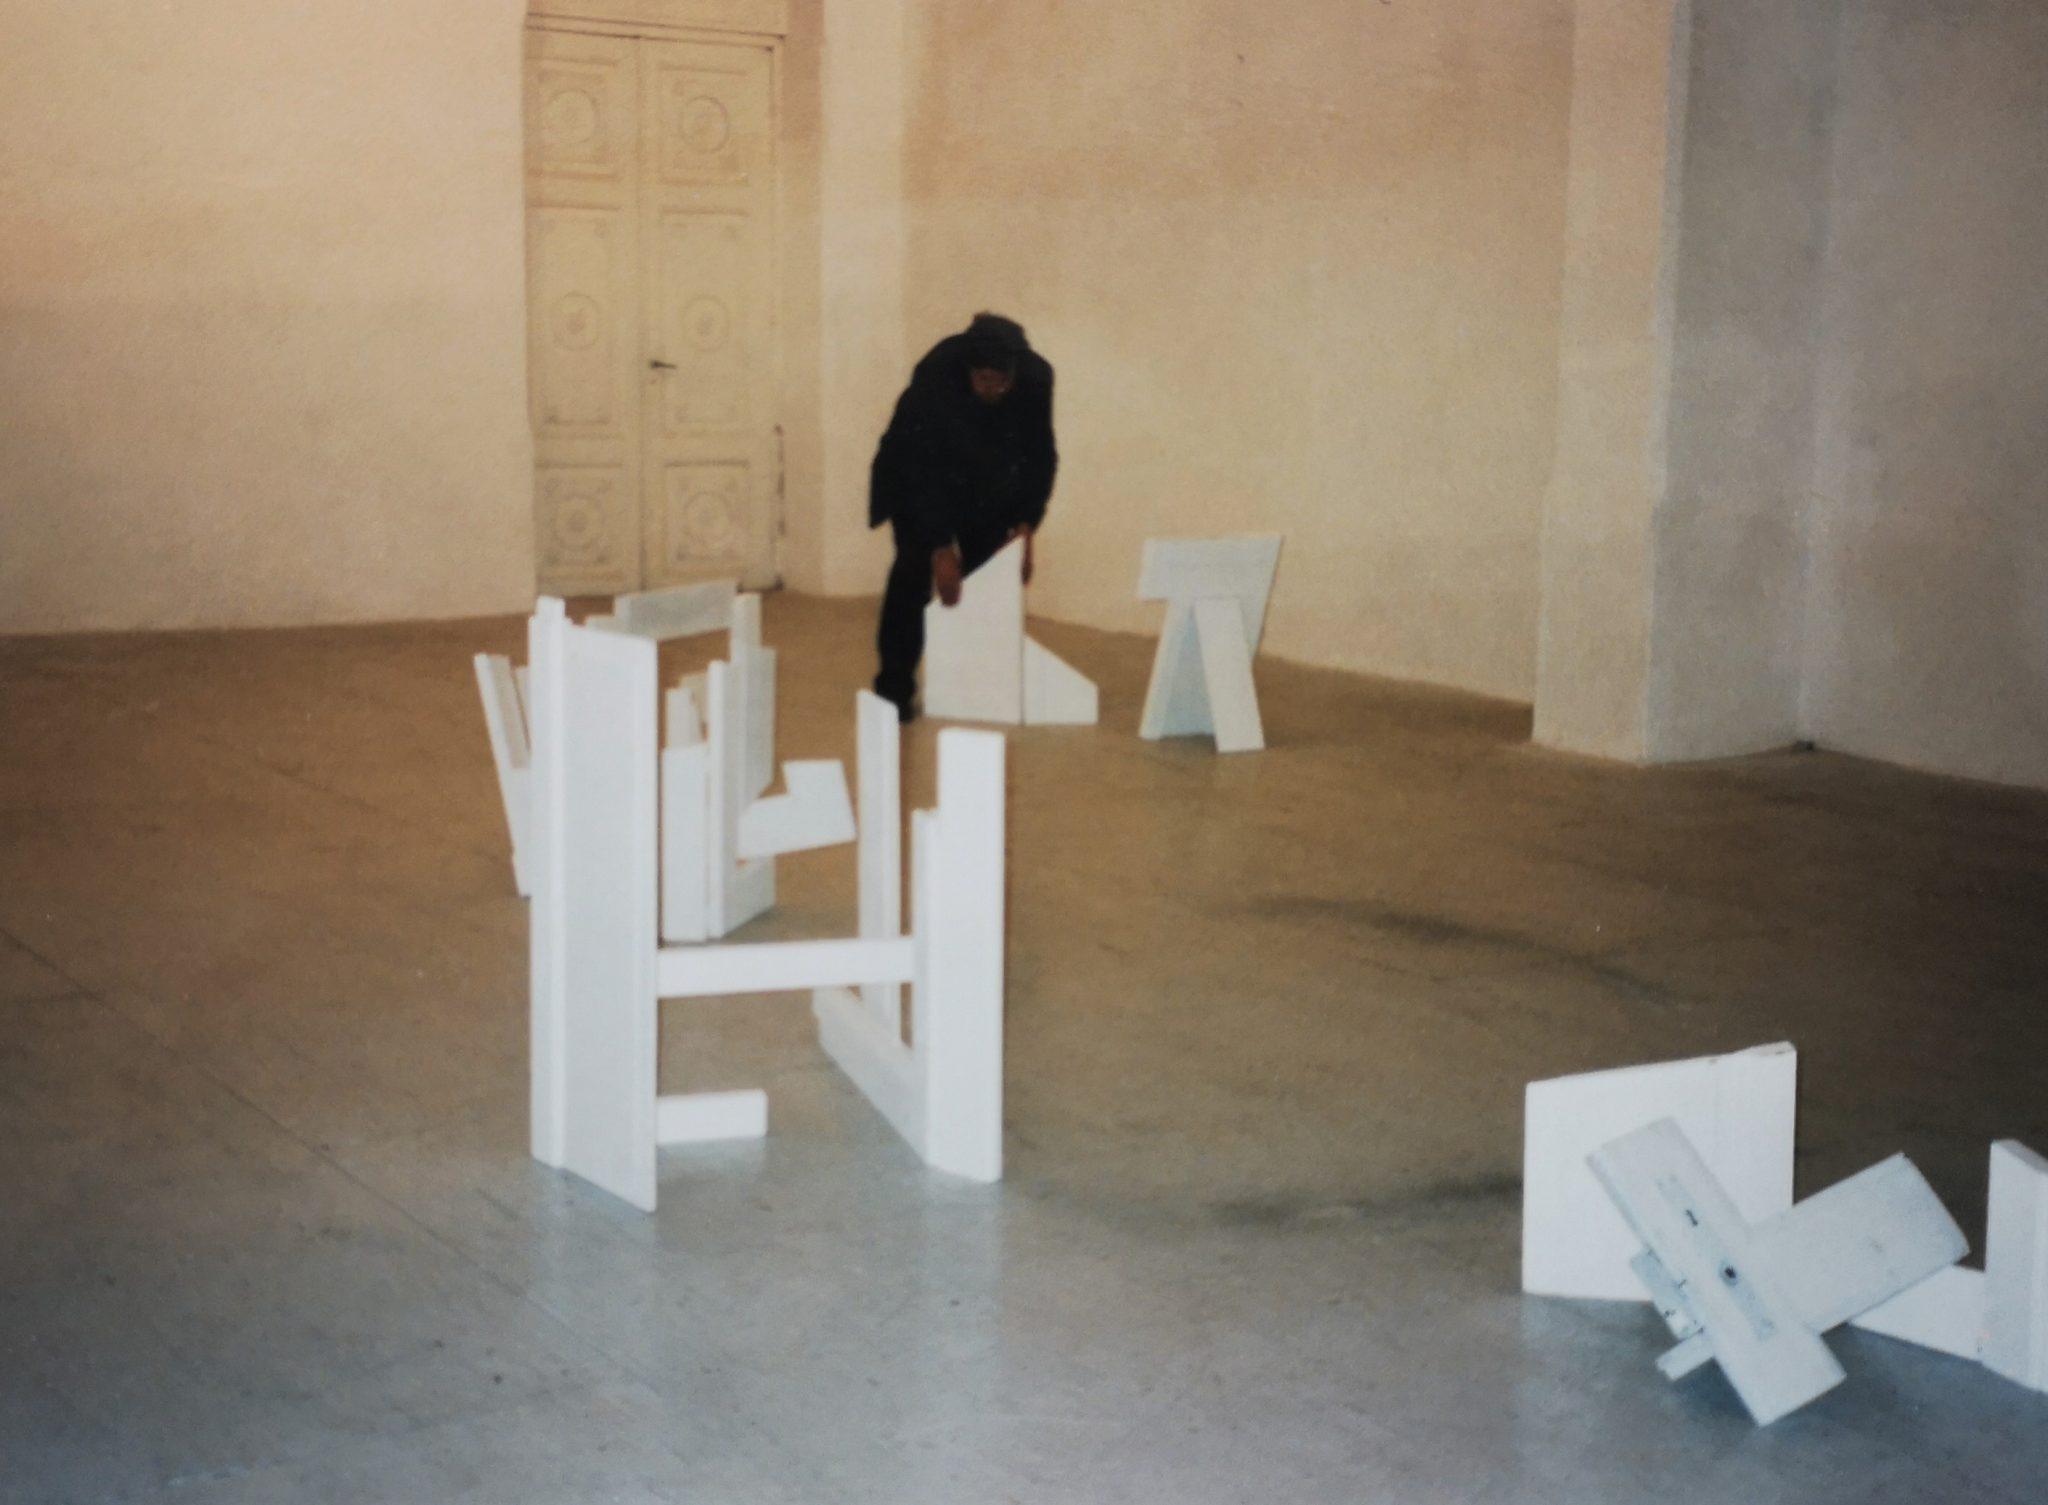 Mayday-Ausstellung in Roermond